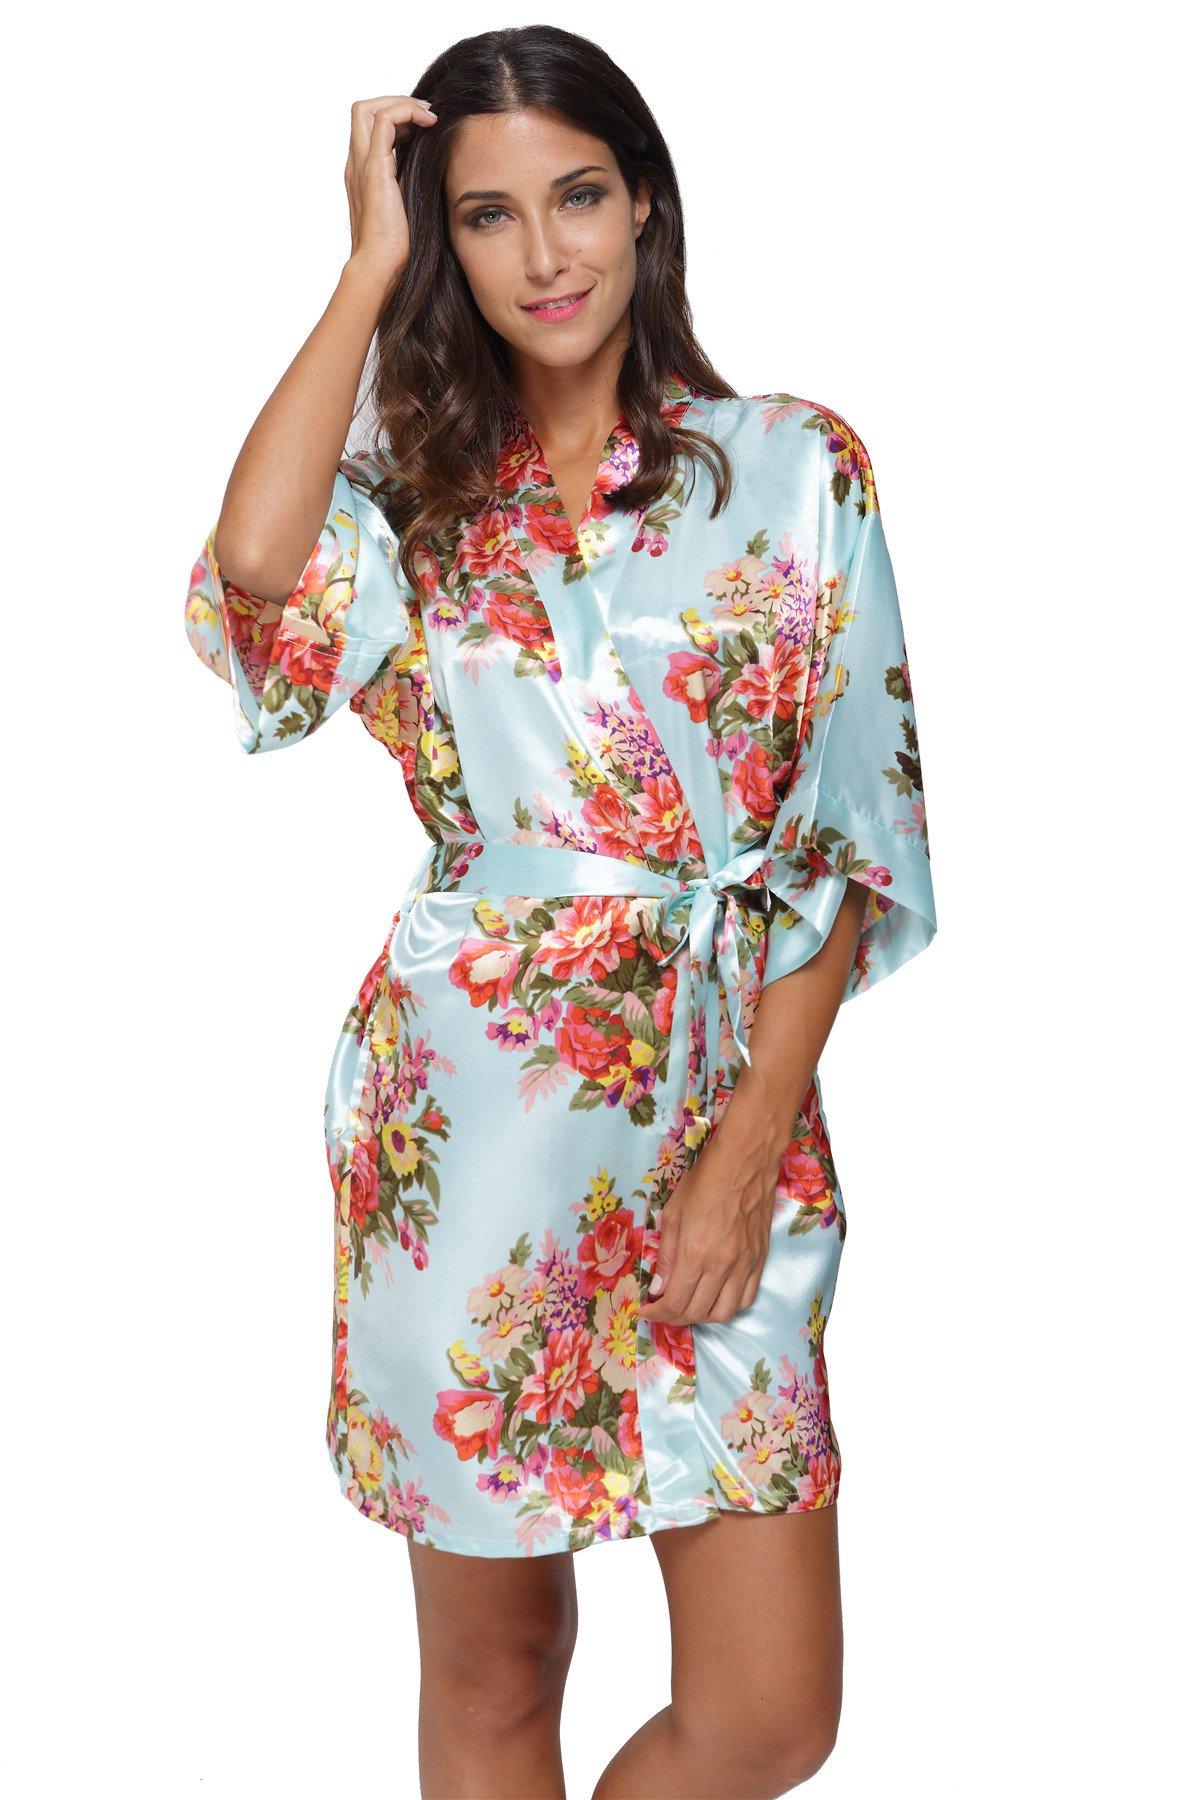 CostumeDeals KimonoDeals Women's dept Satin Short Floral Kimono Robe for Wedding Party, Aqua XL